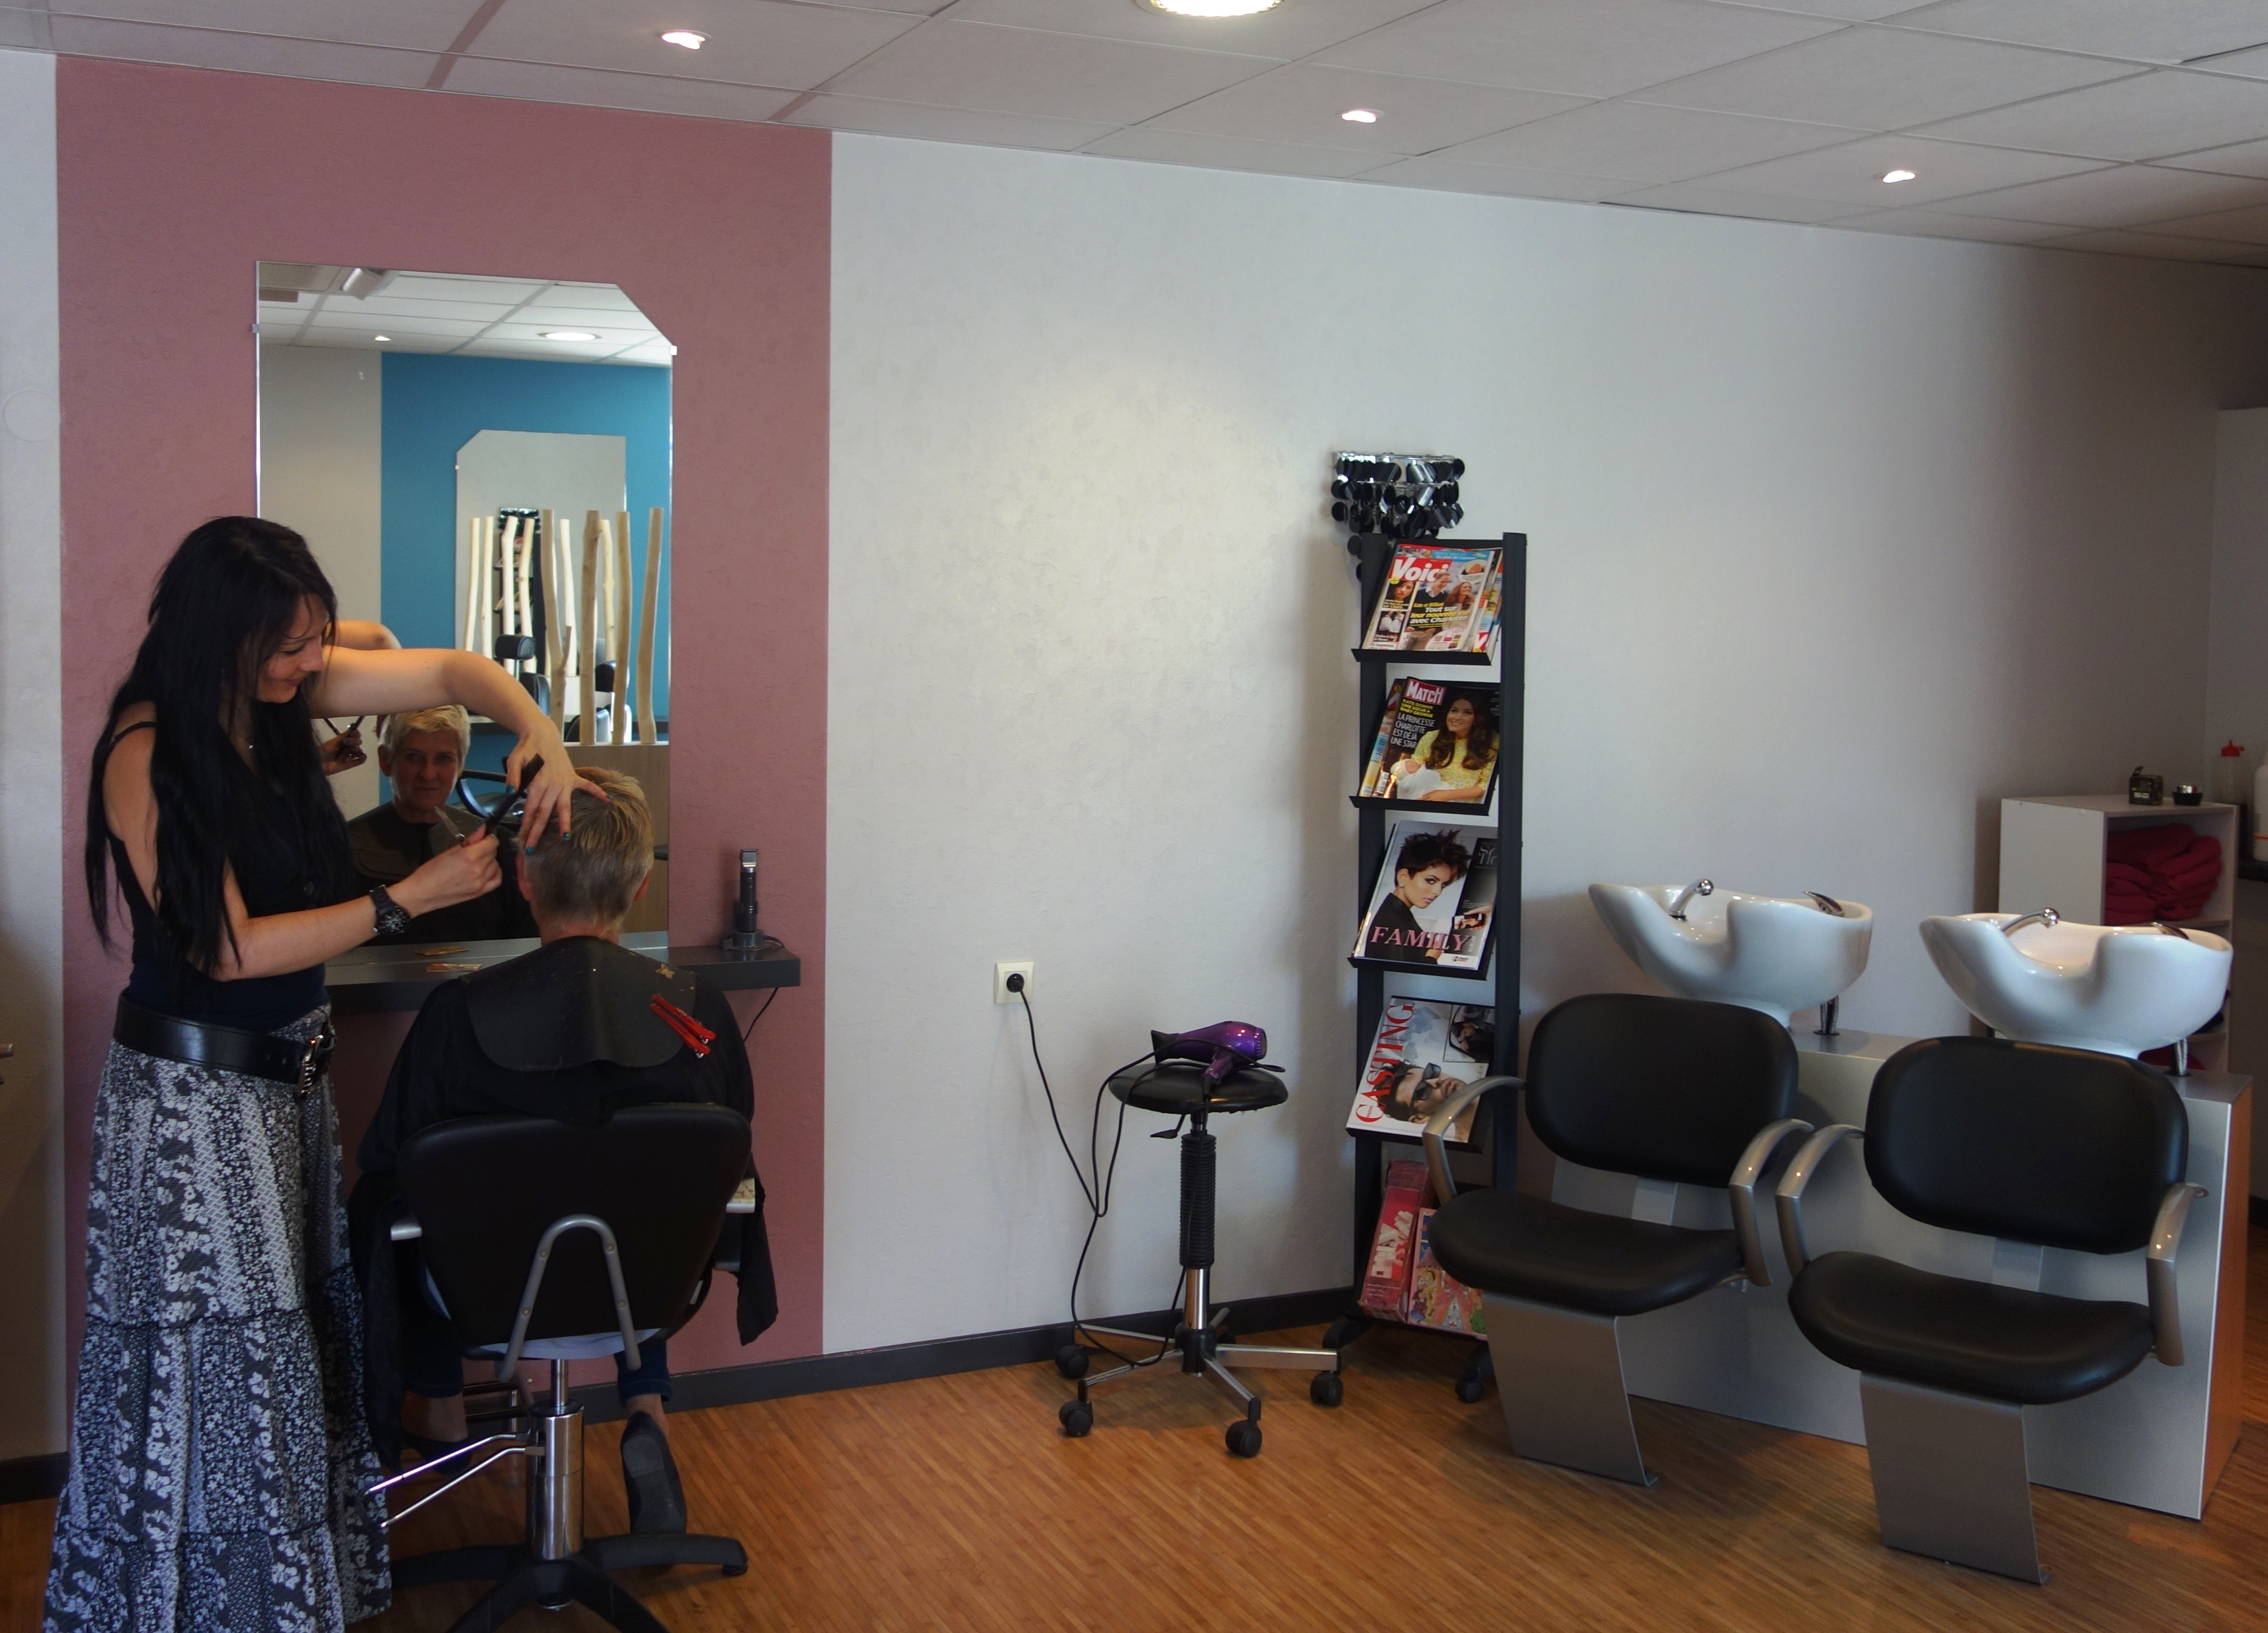 Vie conomique - Salon de coiffure bussy saint georges ...